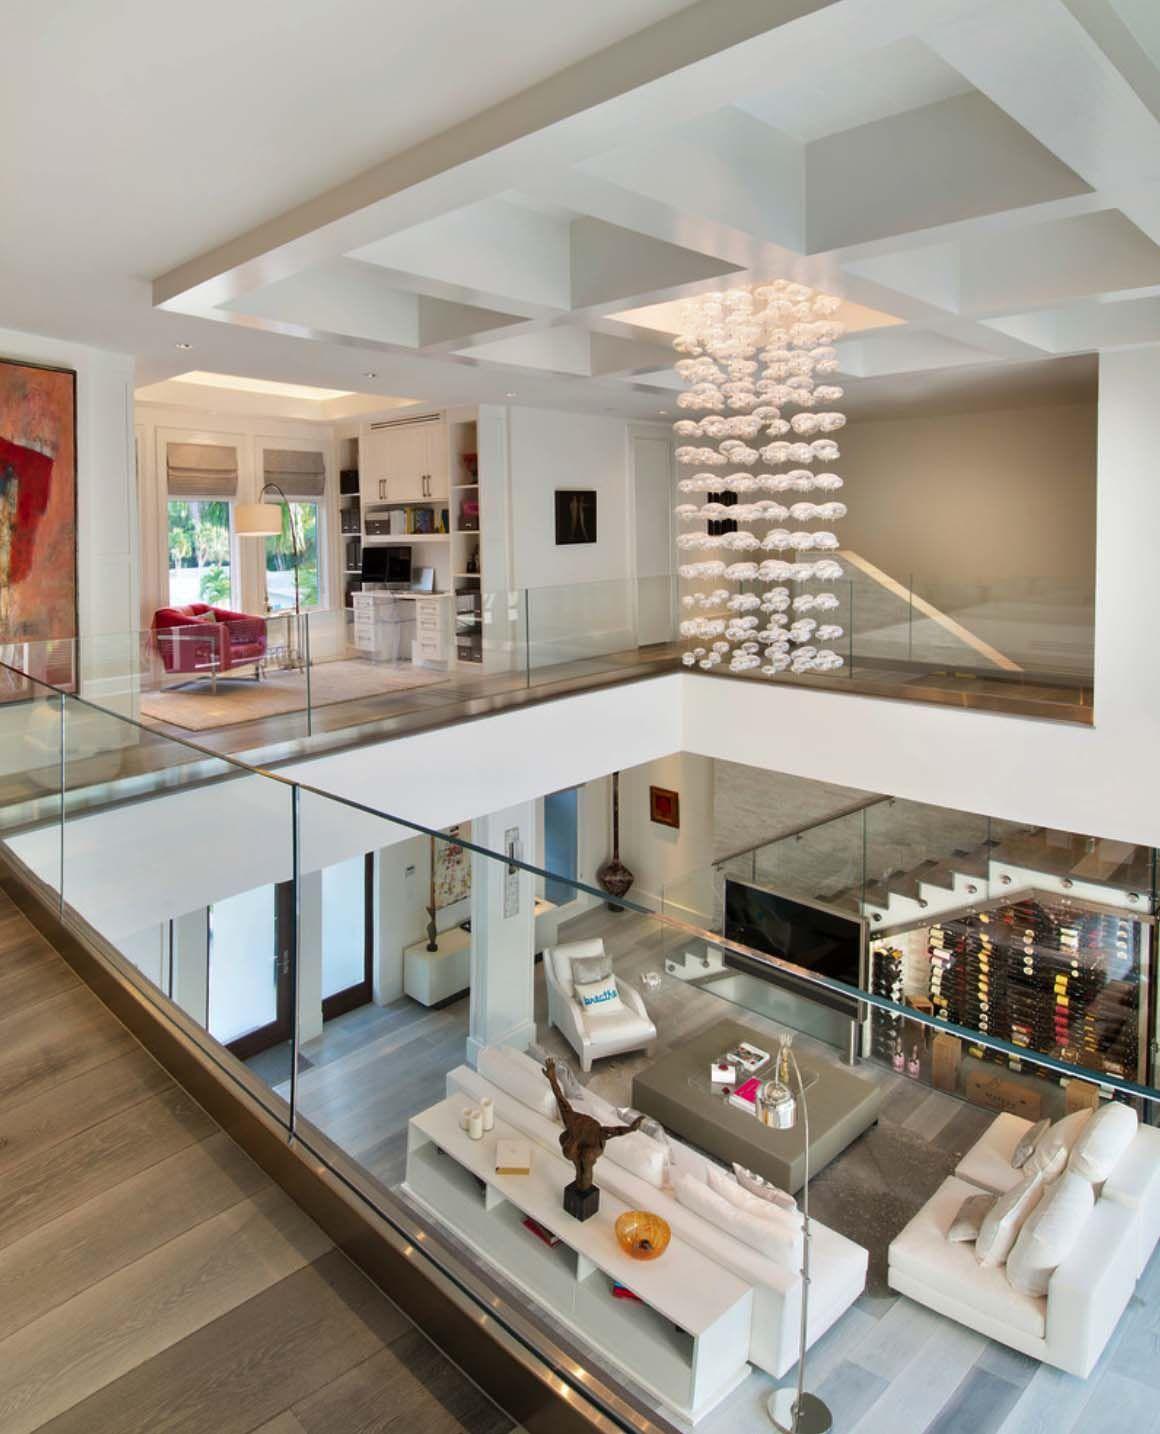 Exquisites modernes Küstenhaus in Florida mit leuchtenden Innenräumen #housedesign